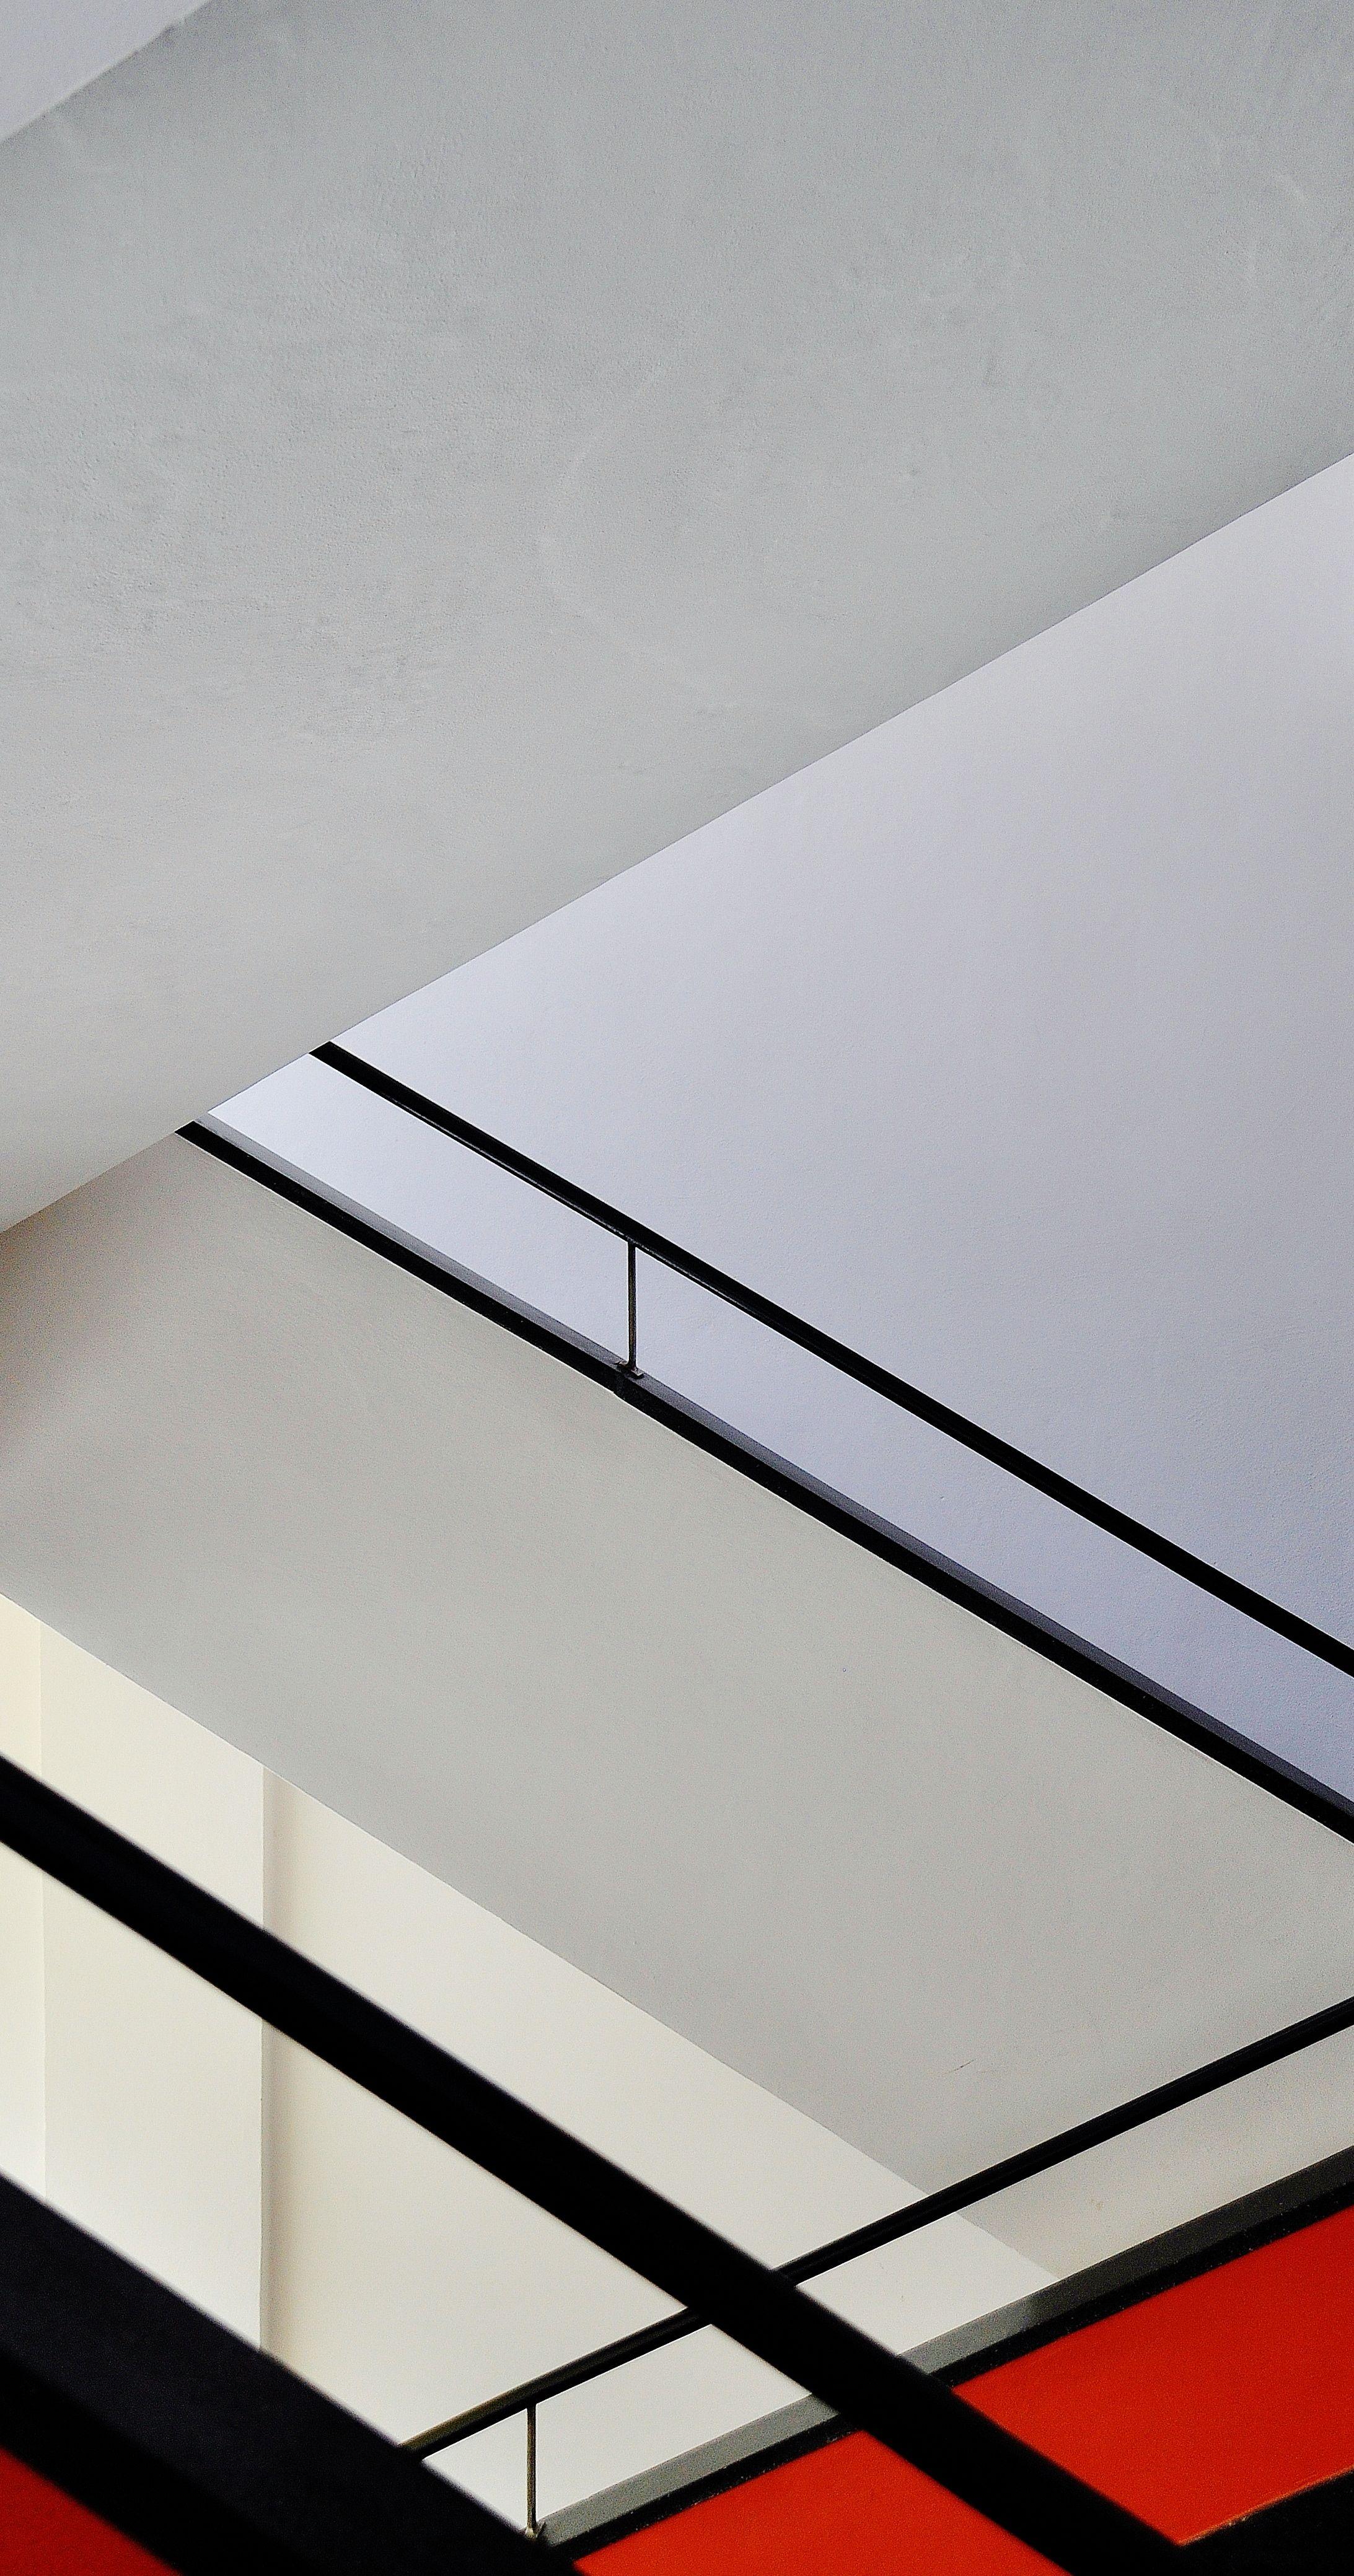 Bauhaus Lines By Clockwithnohands Deviantart Com Shot In Bauhaus